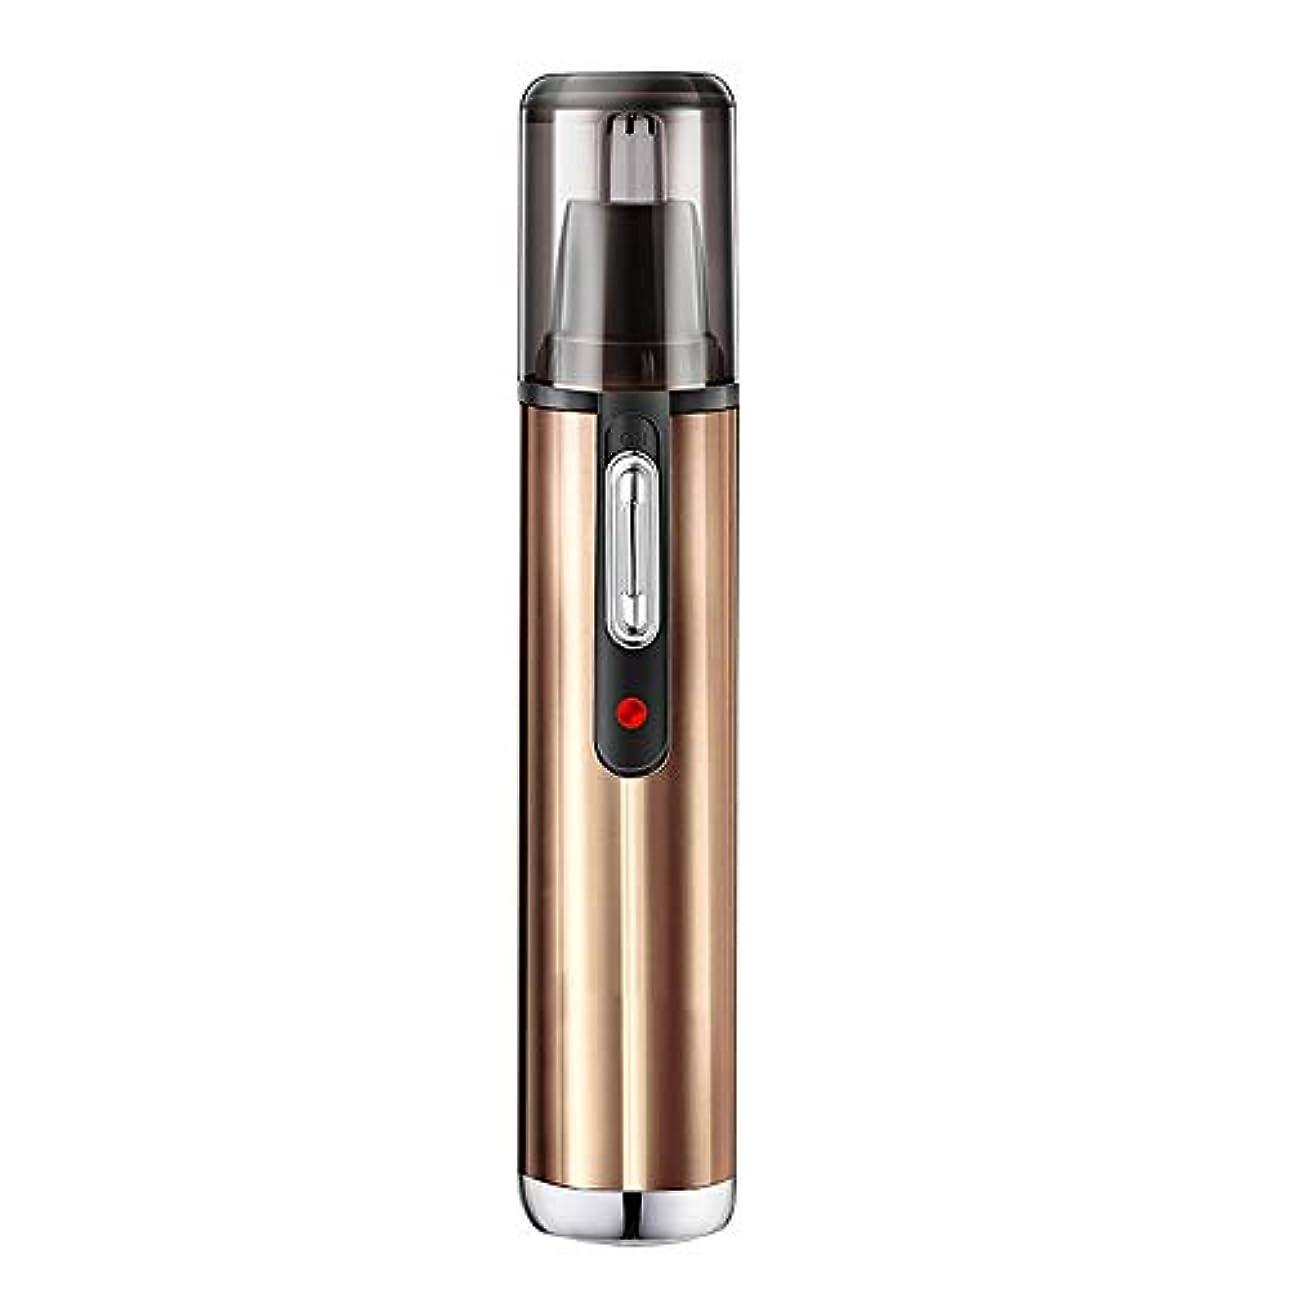 一族マーベル青写真ノーズヘアトリマー/LED充電インジケータライト/内蔵360°回転カッターヘッド/ヘッドクリーニング可能/サイレントデザイン/プッシュアウト電子スイッチ/幅広いアプリケーション 持つ価値があります